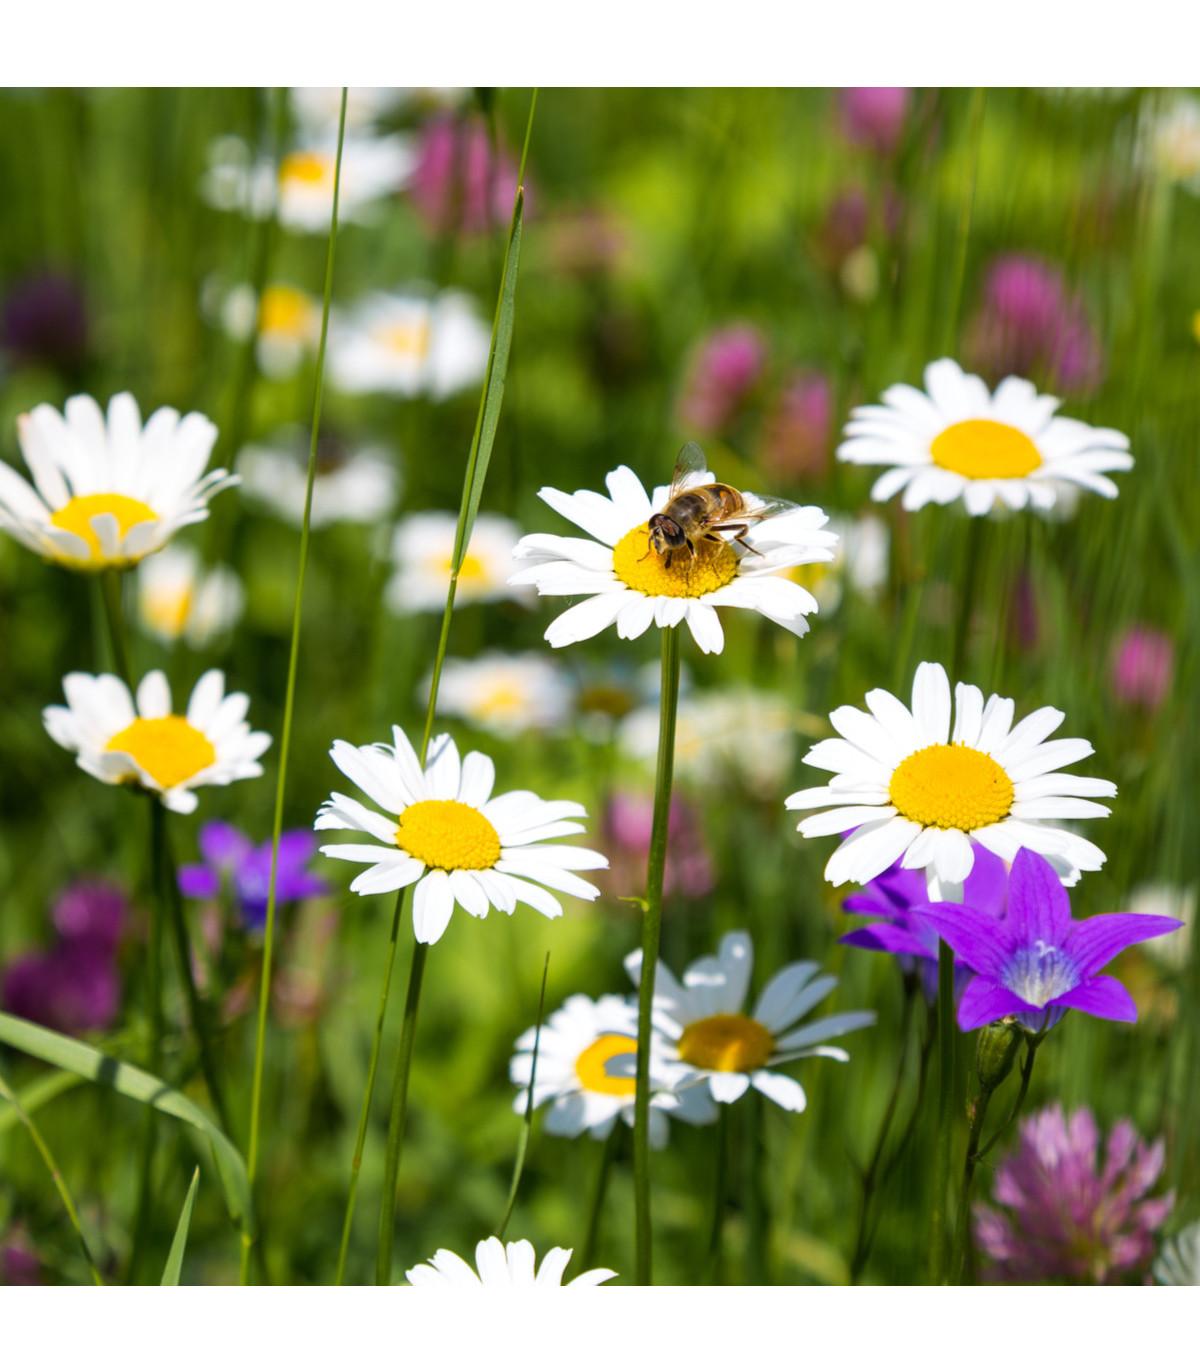 Zmes letničiek - Letničky vábiace hmyz - semená letničiek - 1 g